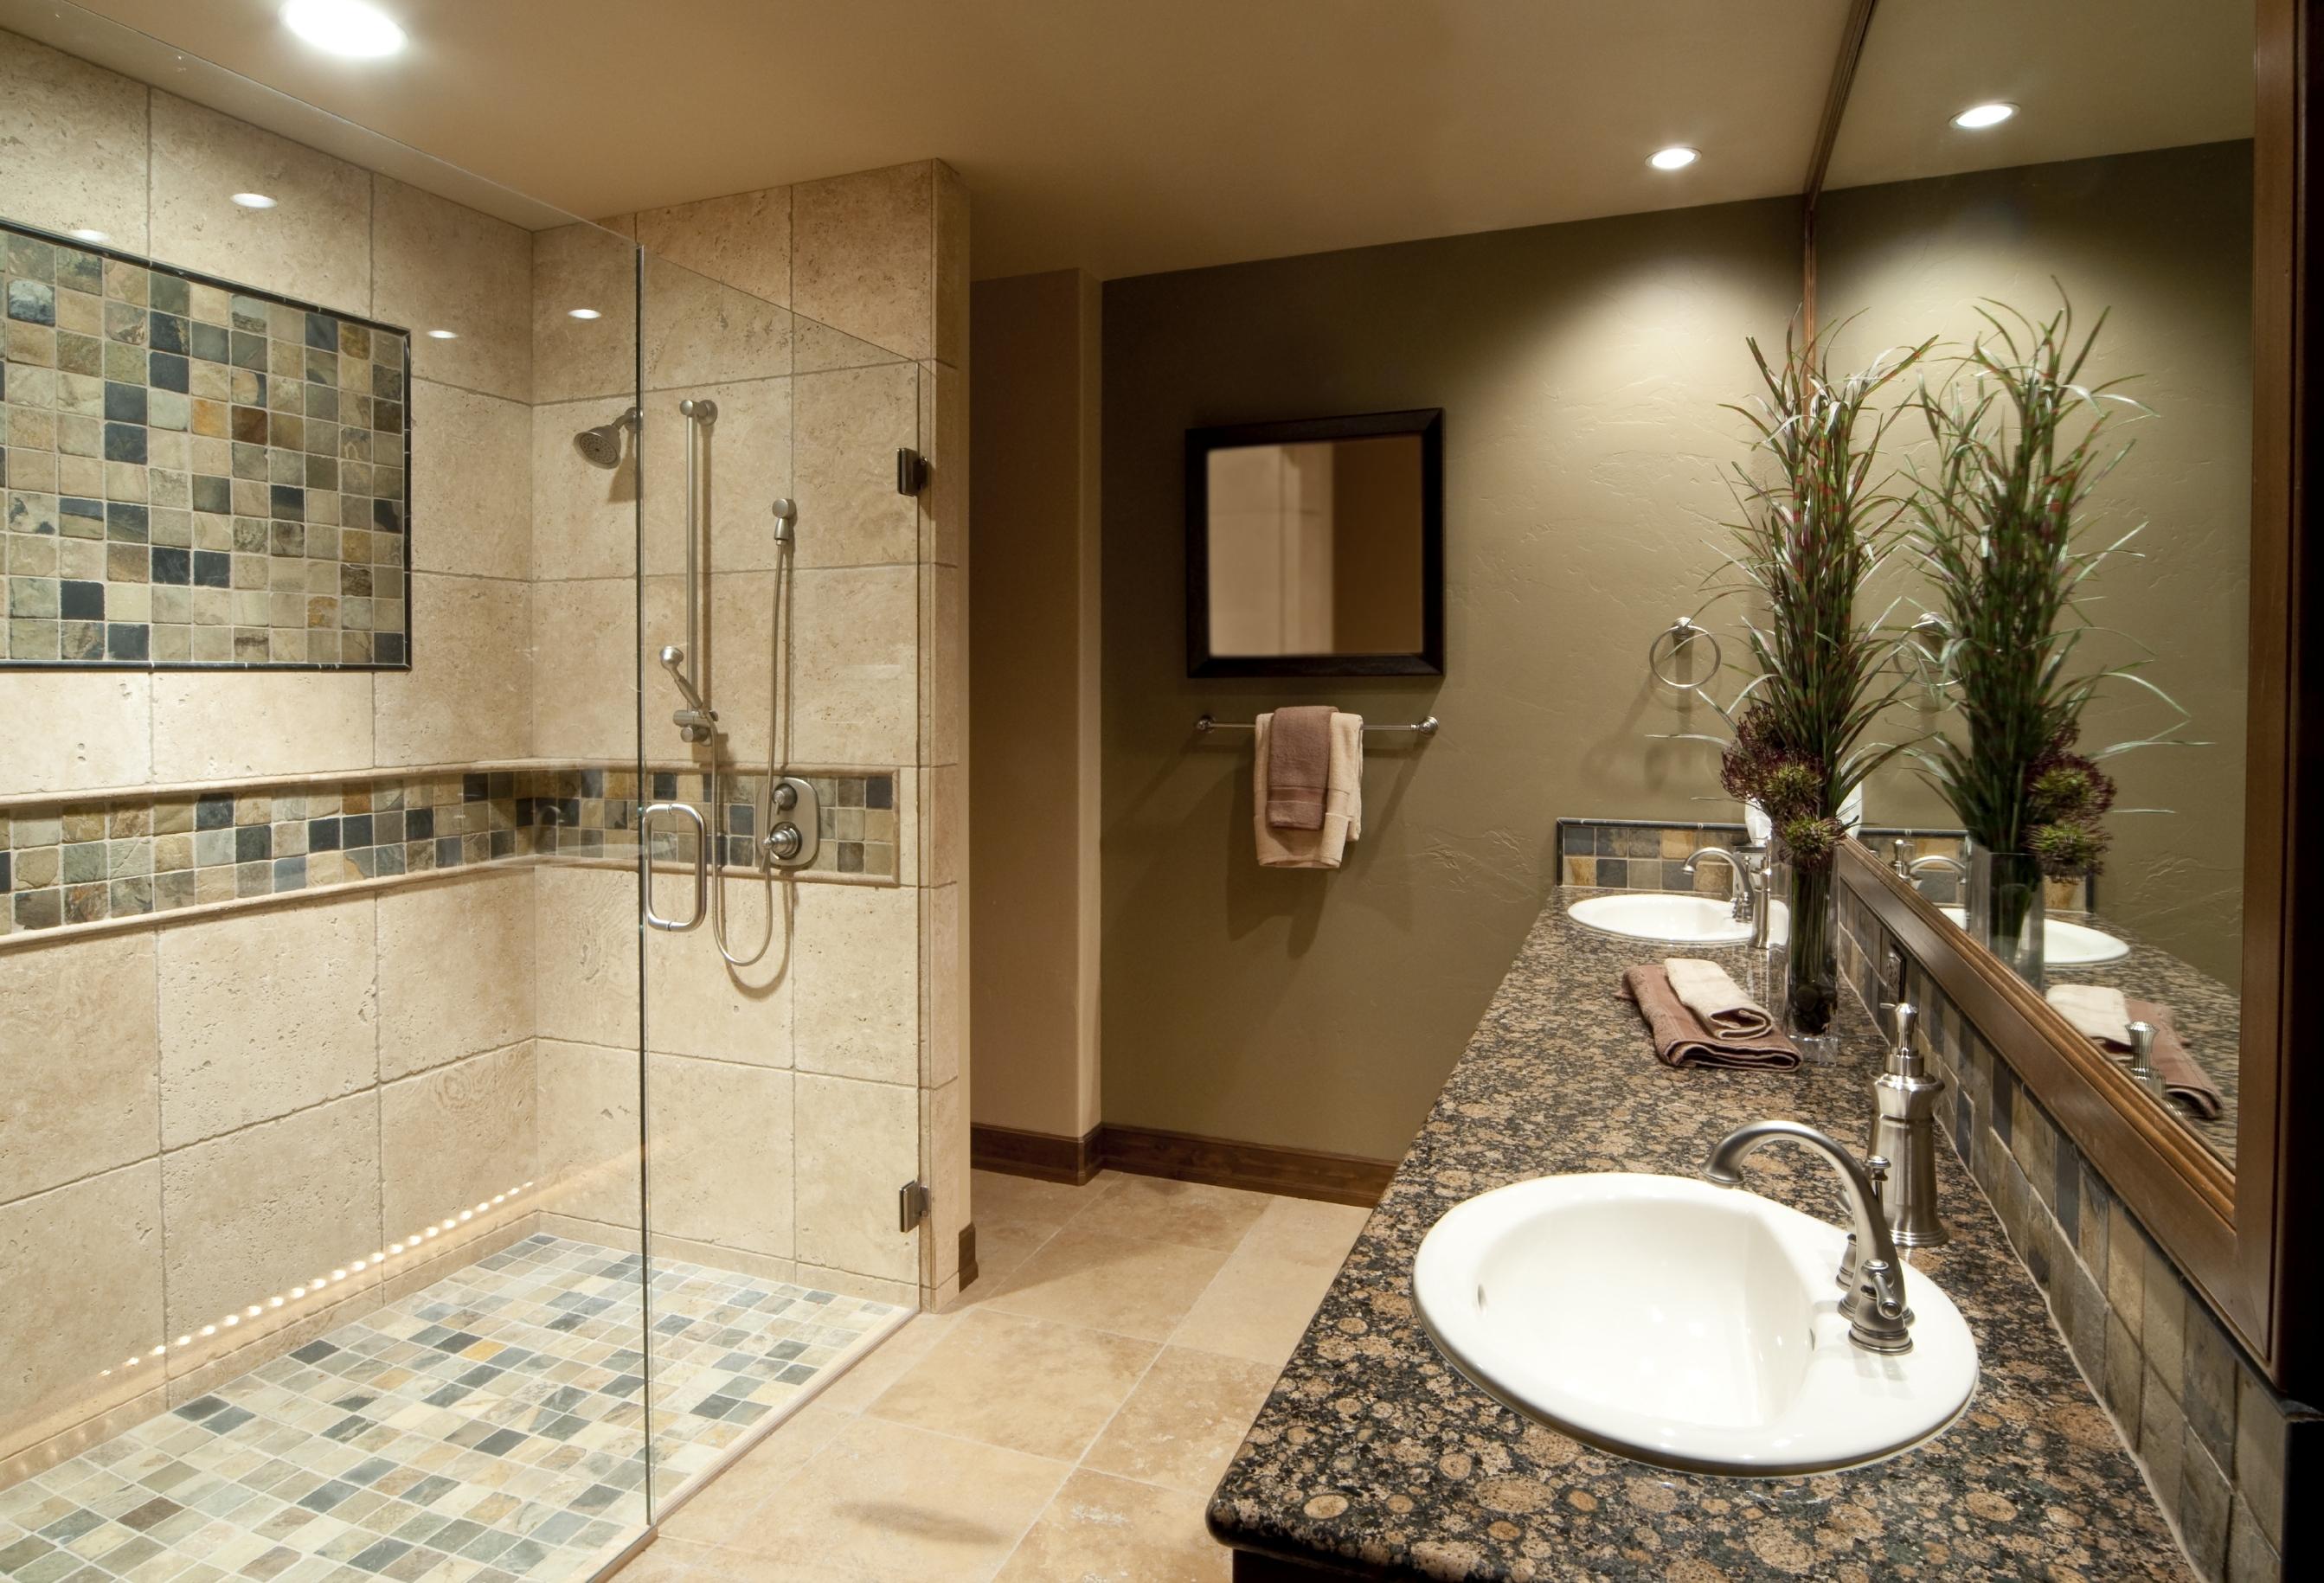 Denver Bathroom Remodeling | Denver Bathroom Design | Bathroom Remodel Intended For Cheap Ways To Improve Your Bathroom (Image 26 of 33)